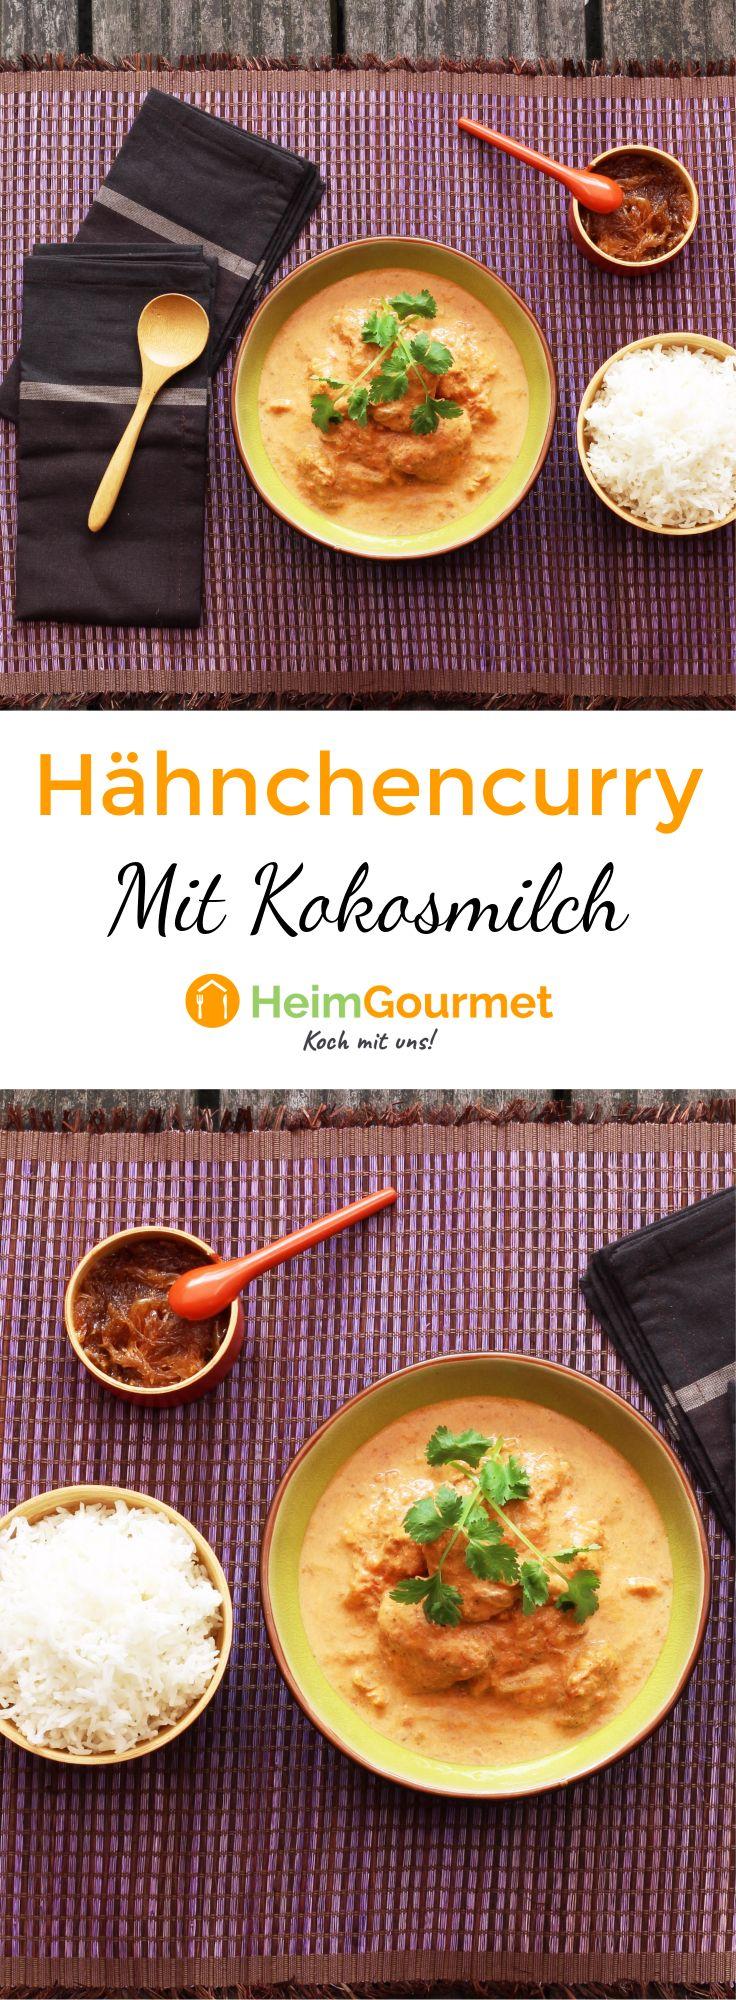 Curry ist ein absoluter Klassiker der indischen Küche. Wir zeigen euch, wie ihr ein leckeres Hähnchencurry mit Kokosmilch zu Hause zubereiten könnt.